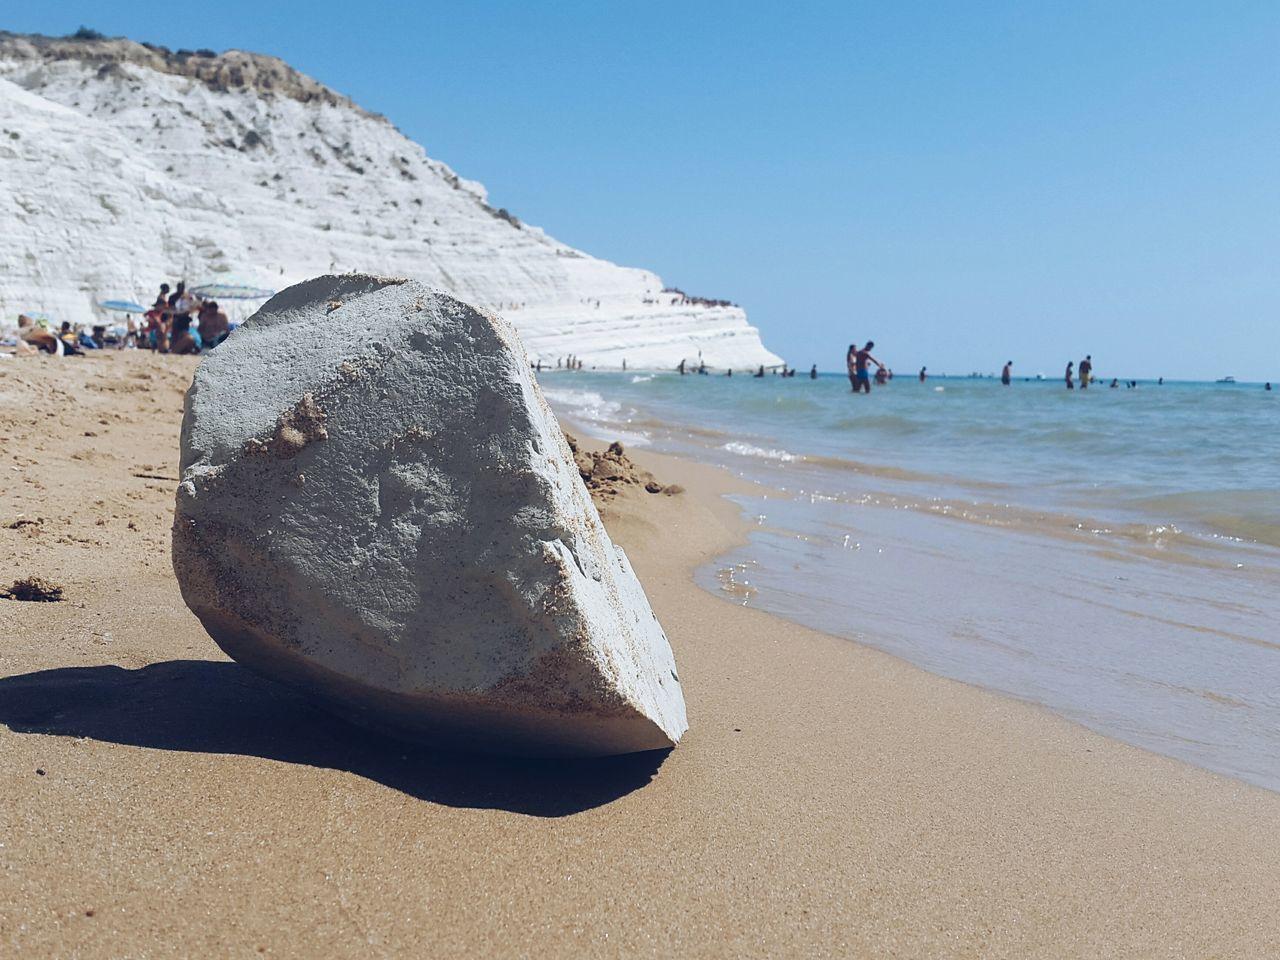 The stone at the shore Summer Sicilia